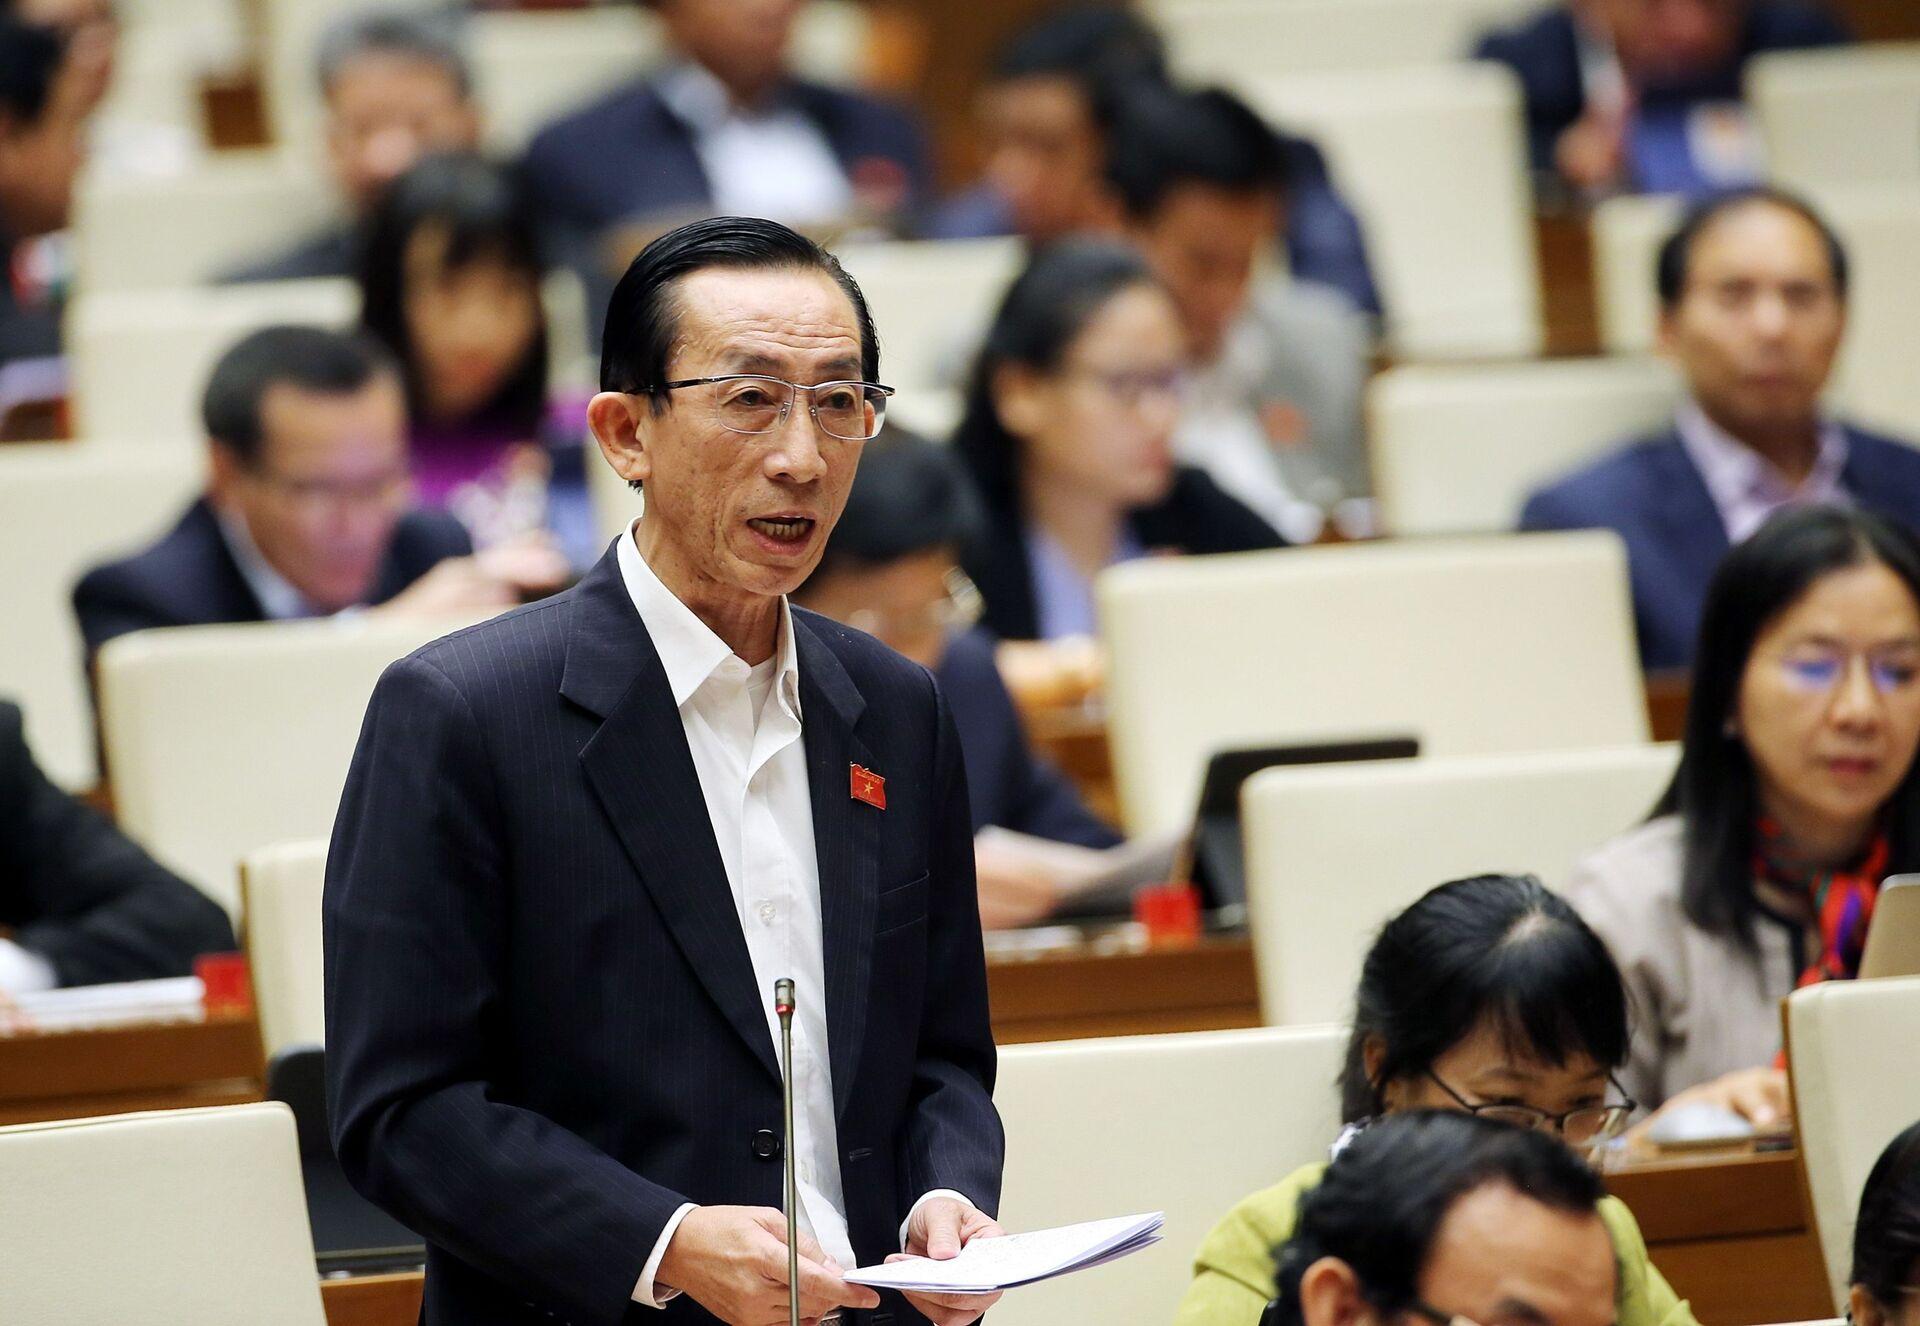 Quốc hội Việt Nam rất sáng suốt khi lựa chọn tân Chủ tịch - Sputnik Việt Nam, 1920, 31.03.2021